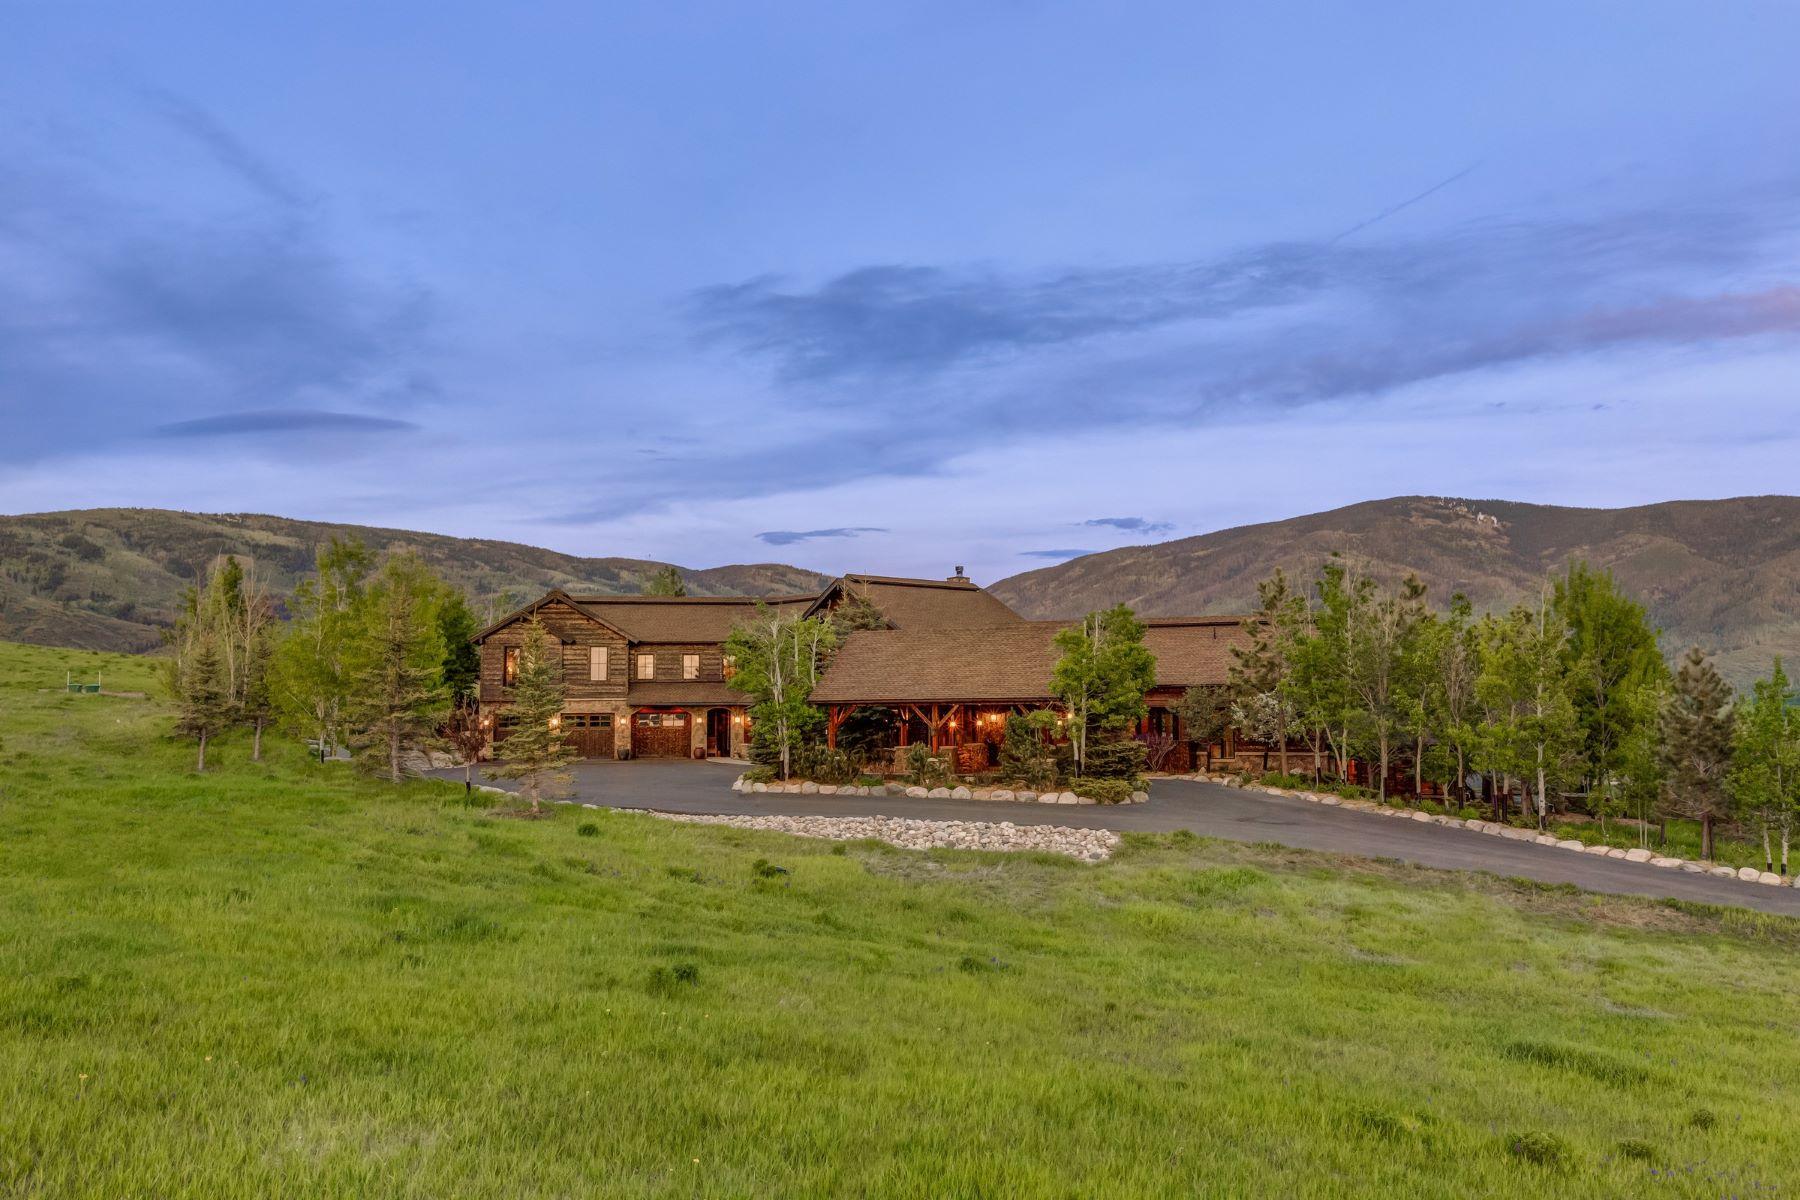 Частный односемейный дом для того Продажа на Lake Catamount Beautiful High-End Design Lake Catamount Home 32120 County Road 14C Steamboat Springs, Колорадо, 80487 Соединенные Штаты